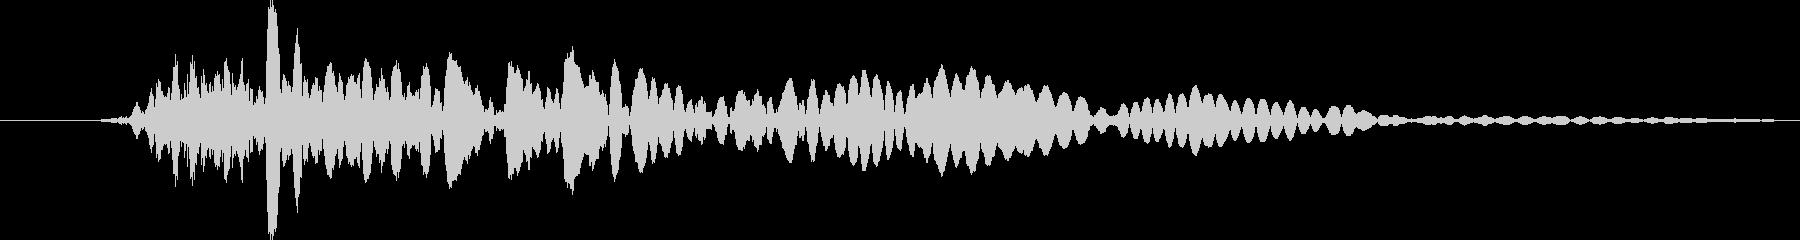 ディープフランジングインパクトウー...の未再生の波形